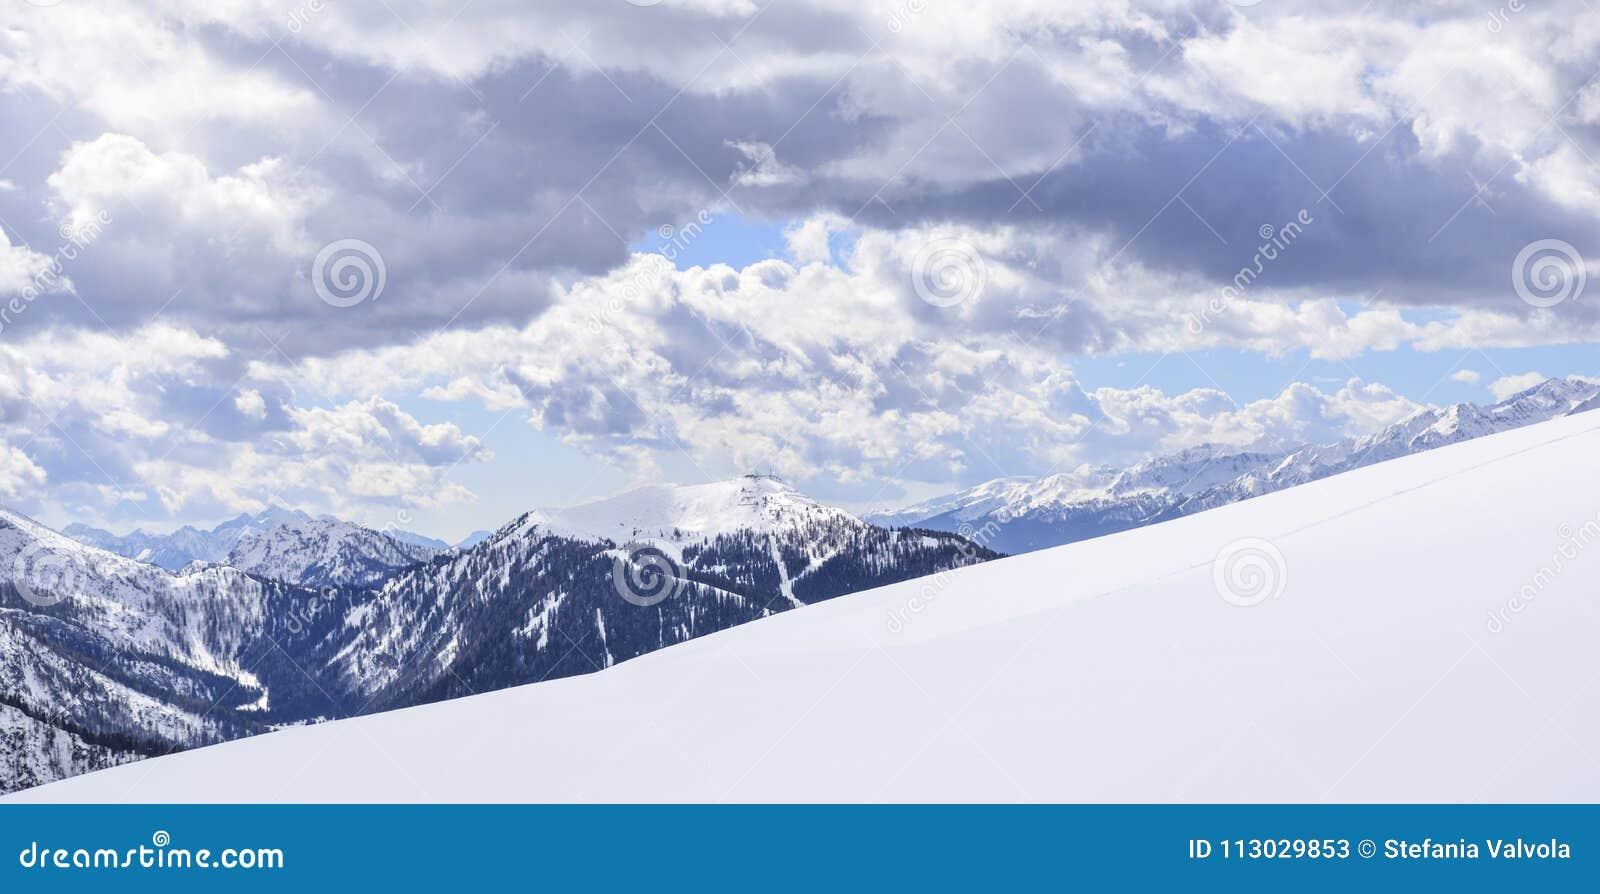 Los picos de las montañas en invierno con nieve suave